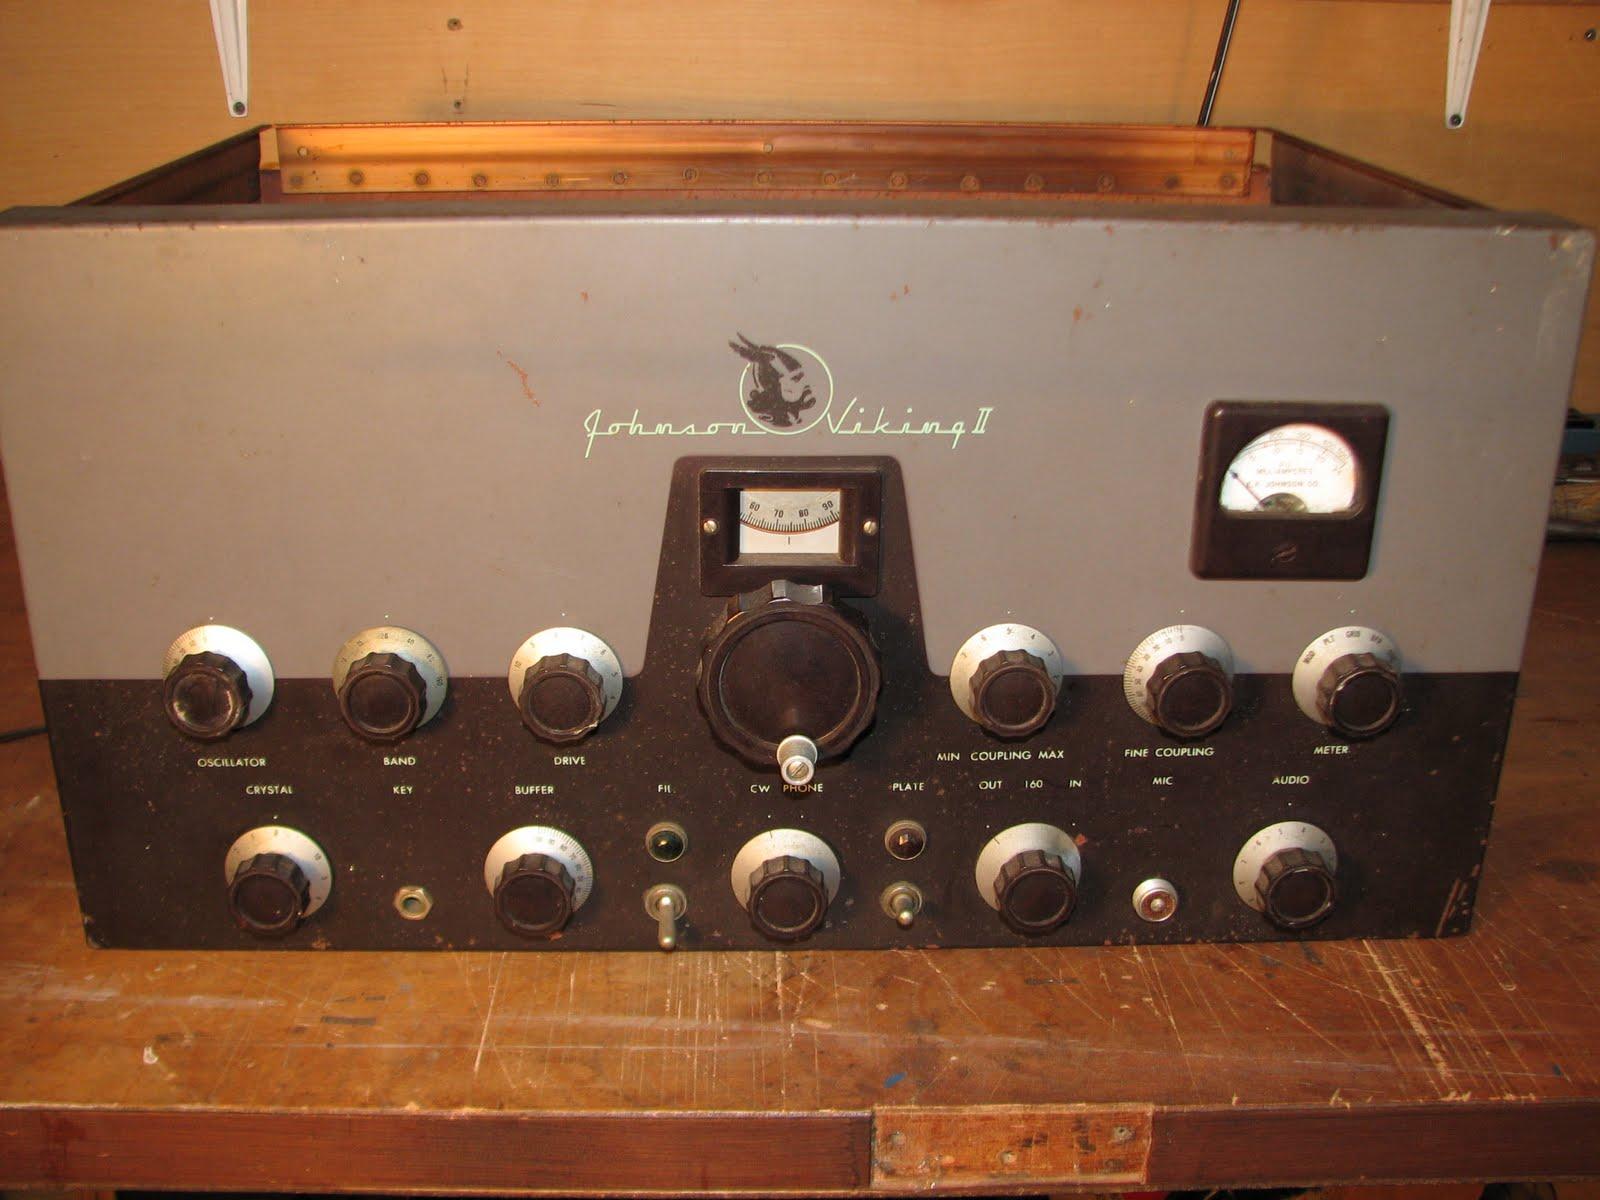 Amateur Radio Station Wb4omm: Amateur Radio Station KA4CID